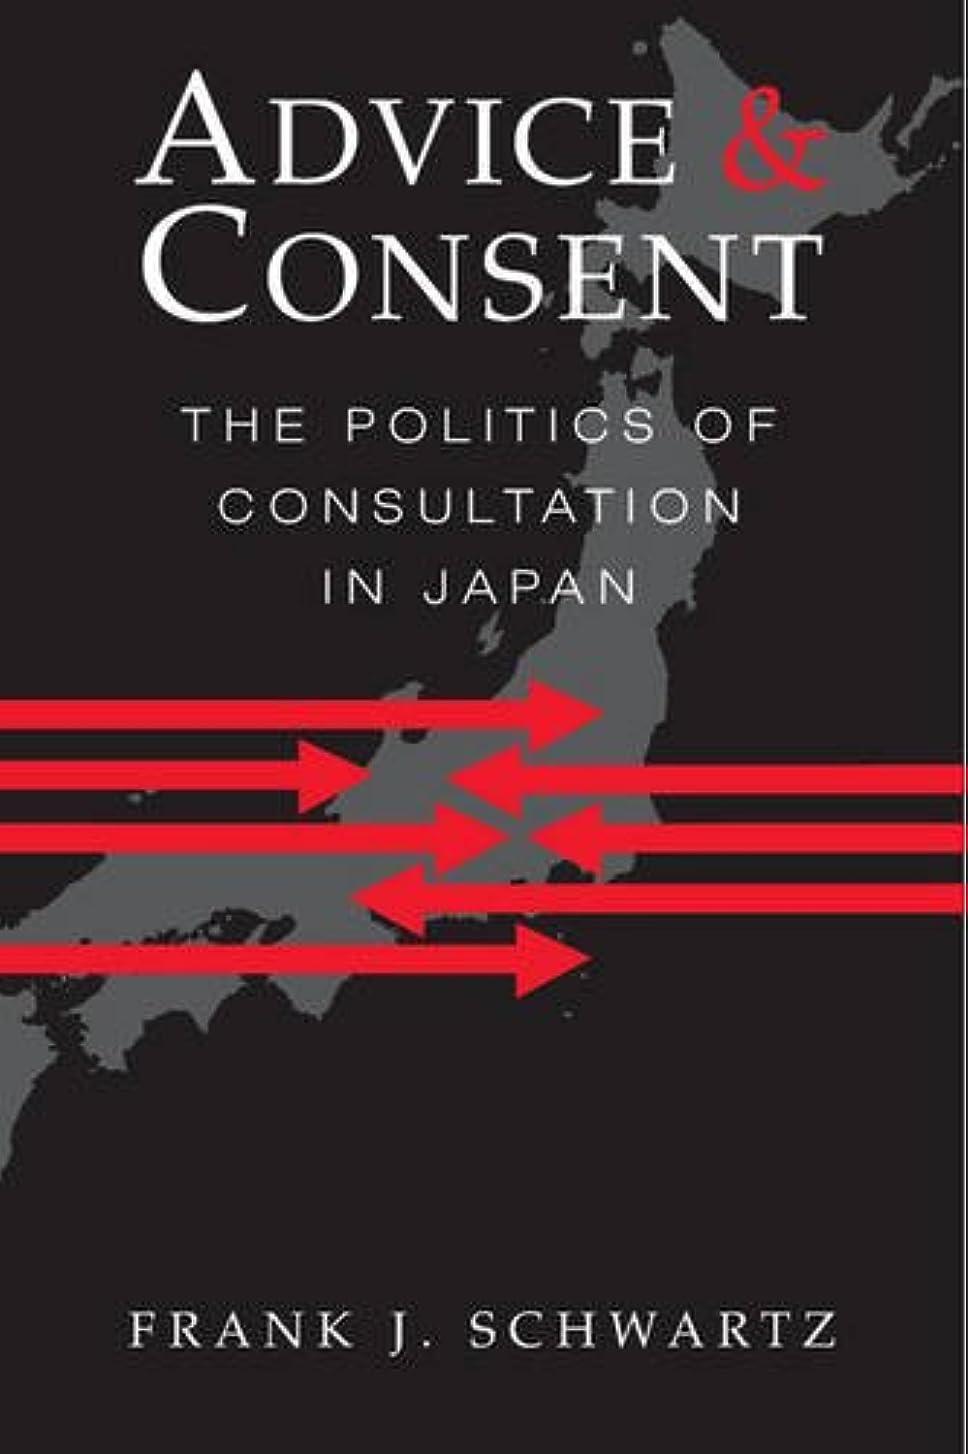 漂流過去ベルベットAdvice and Consent: The Politics of Consultation in Japan